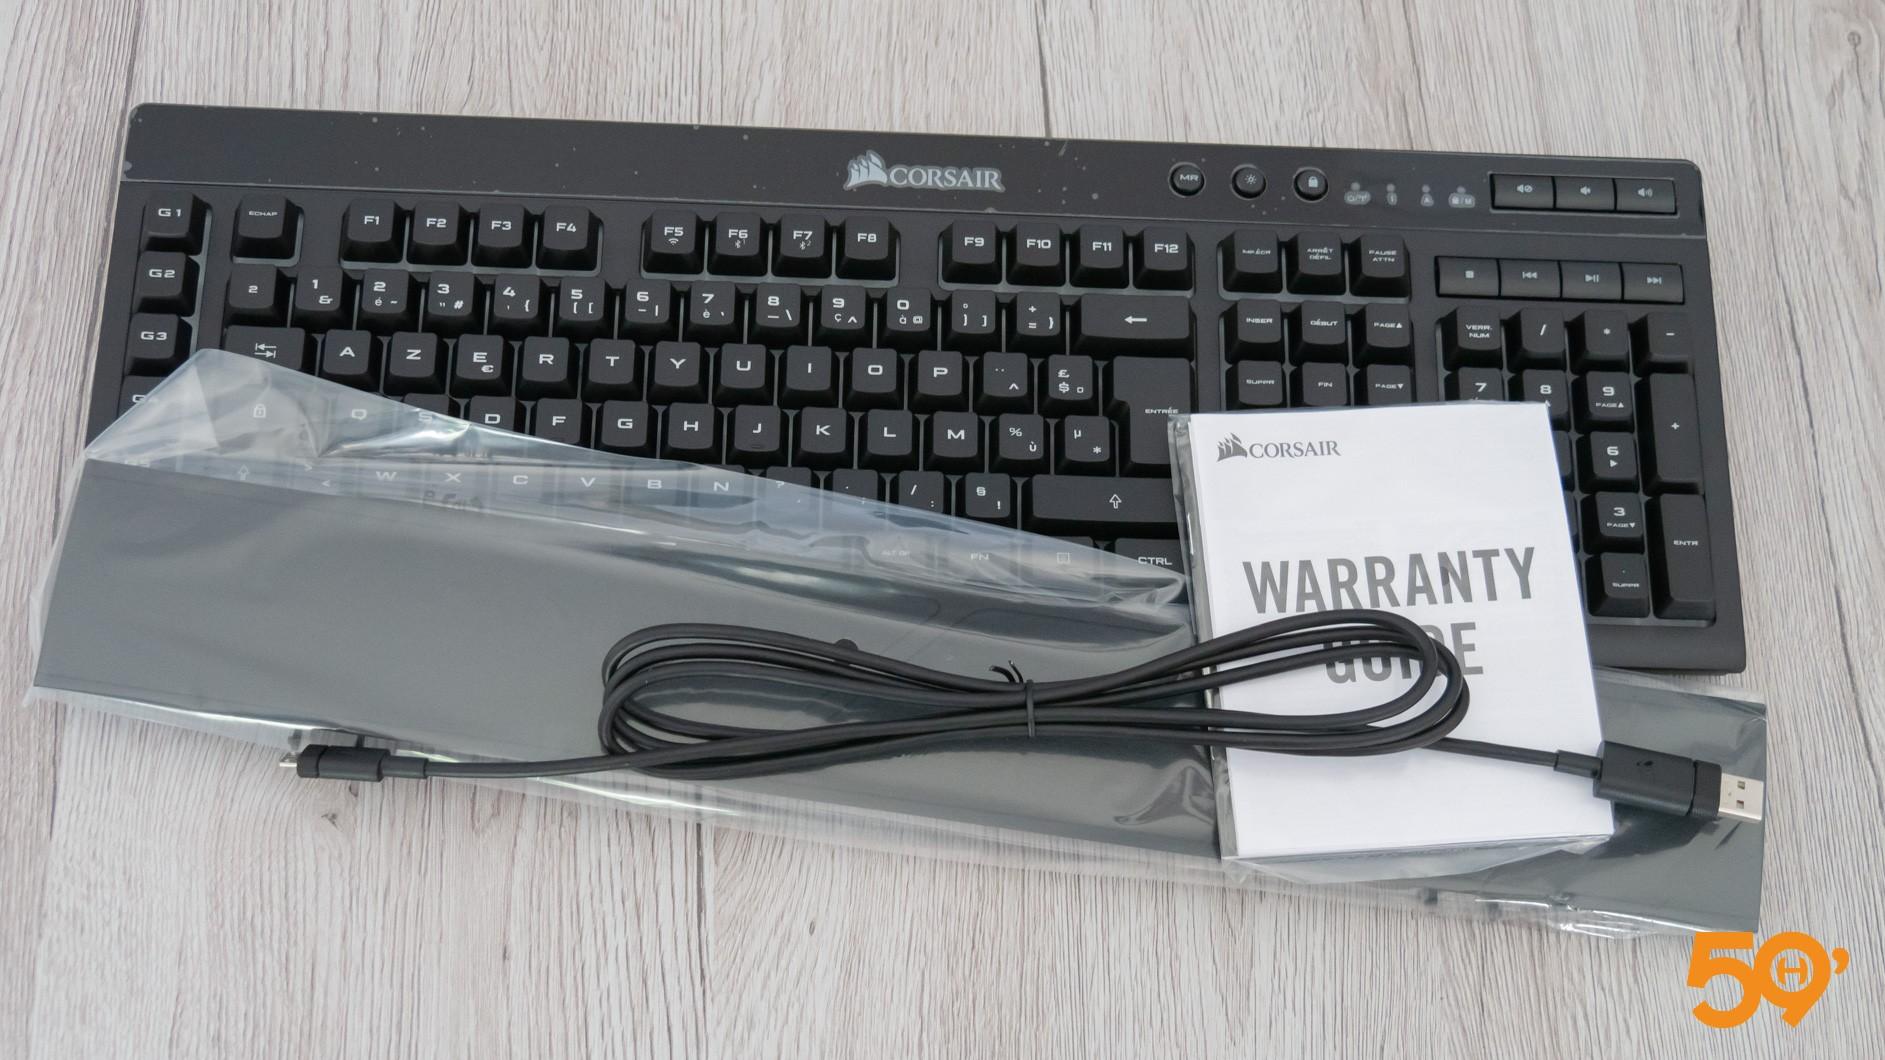 unboxing clavier corsair k57